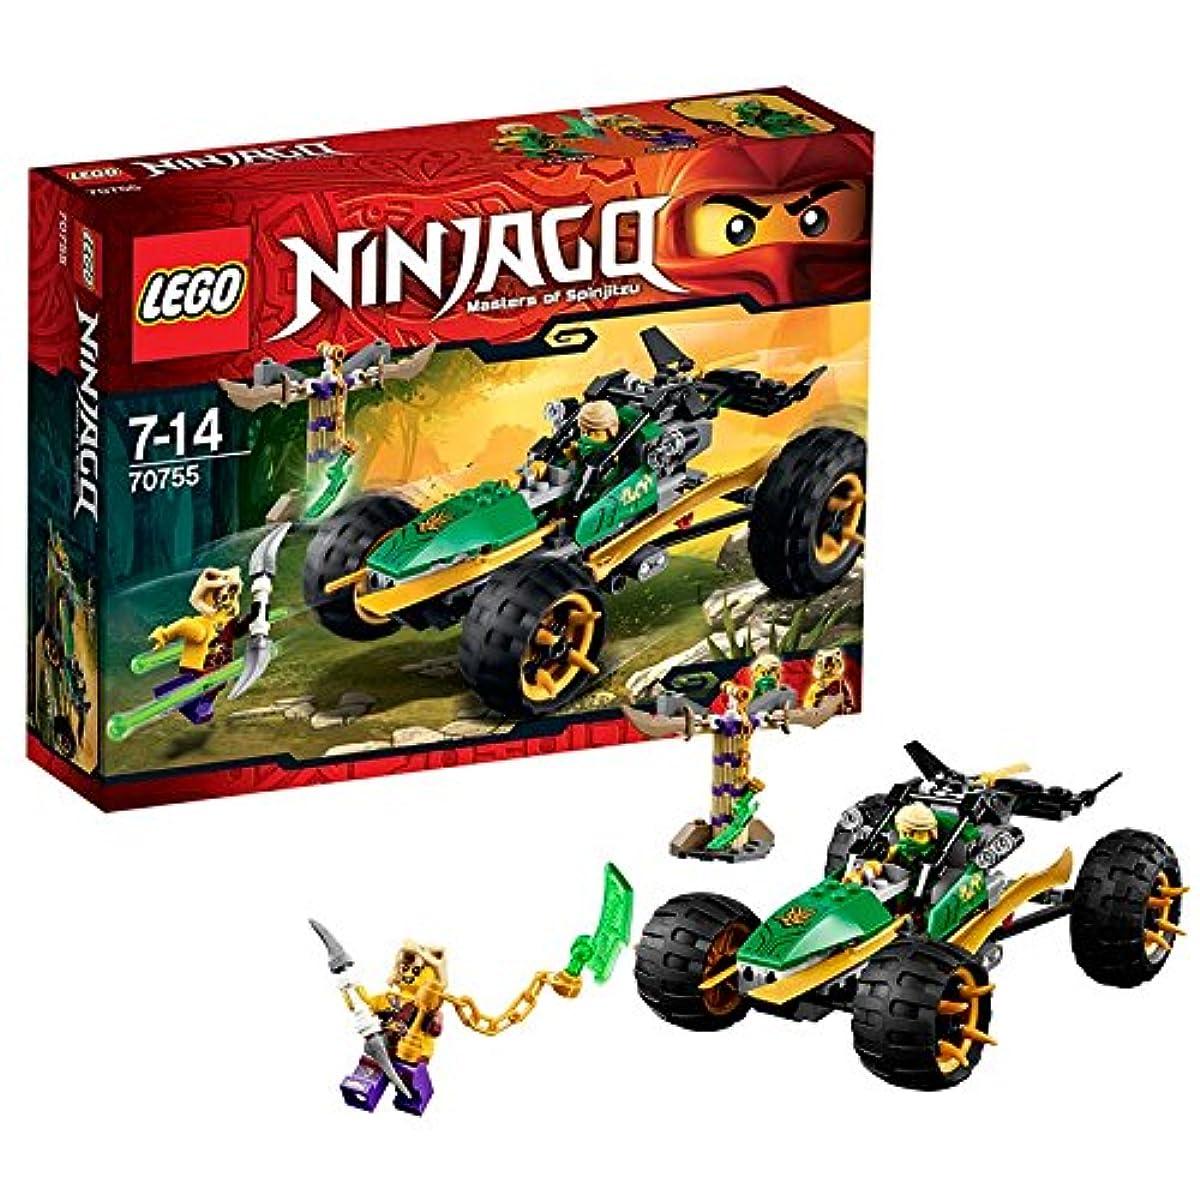 [해외] 레고 (LEGO) 닌자고 정글 레이서 70755 (2015-03-20)